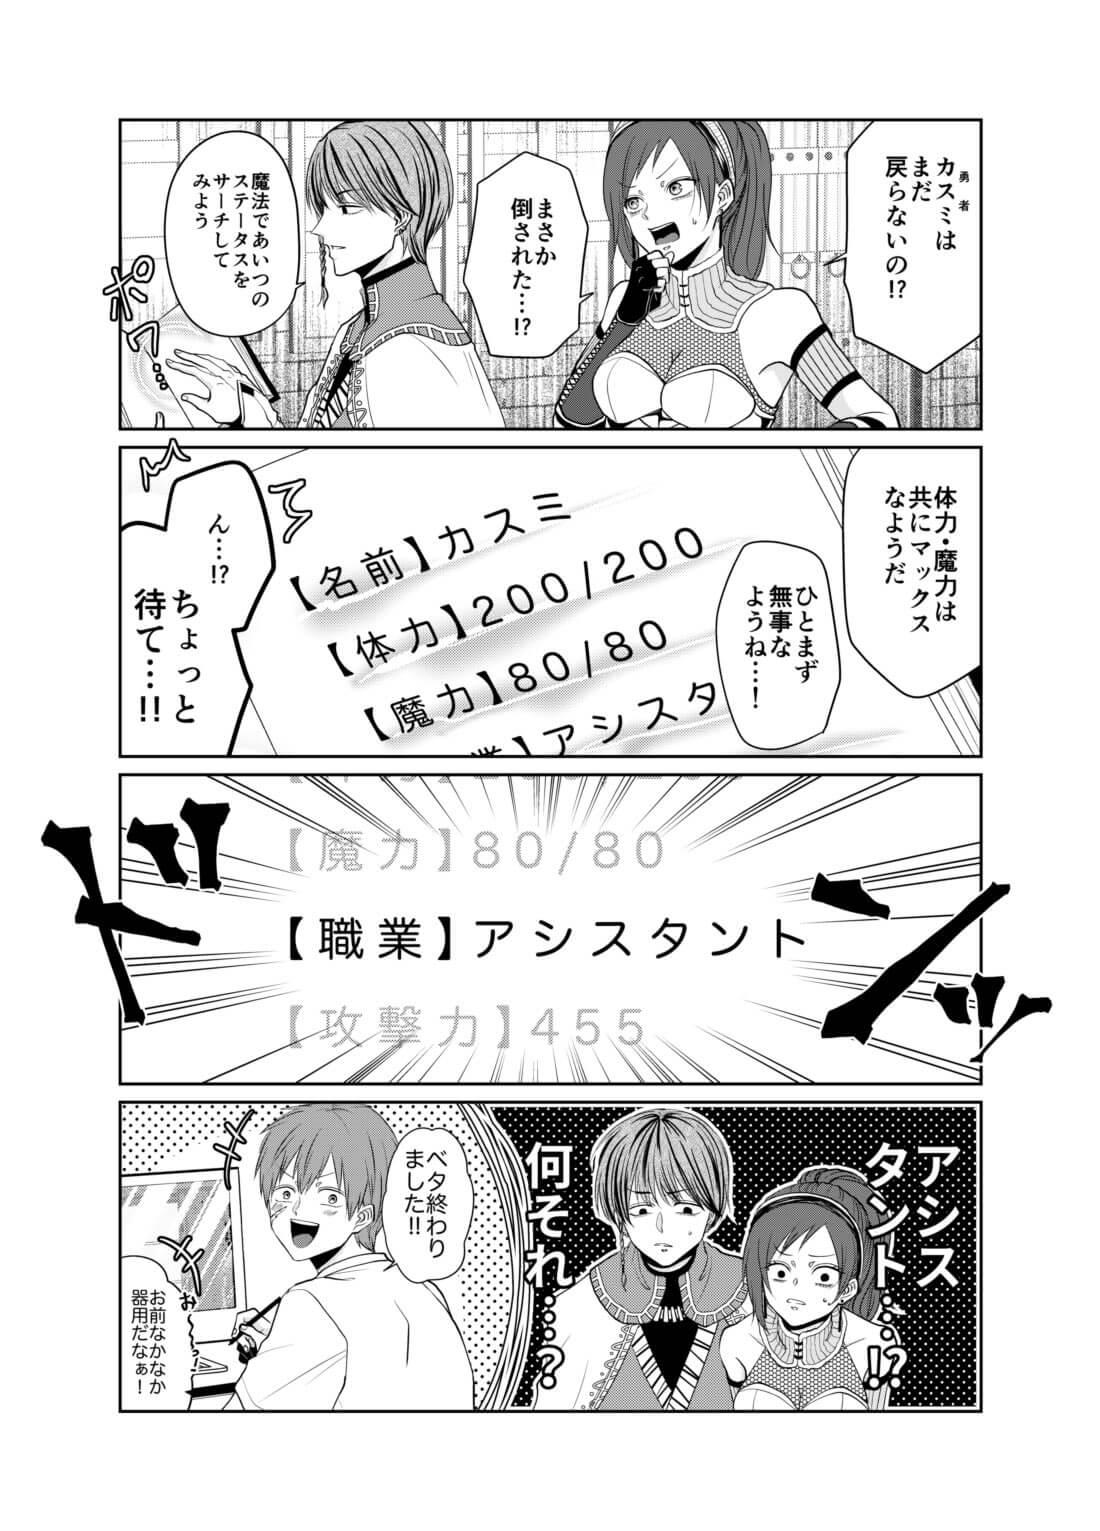 漫画家魔王とオタク勇者の話04